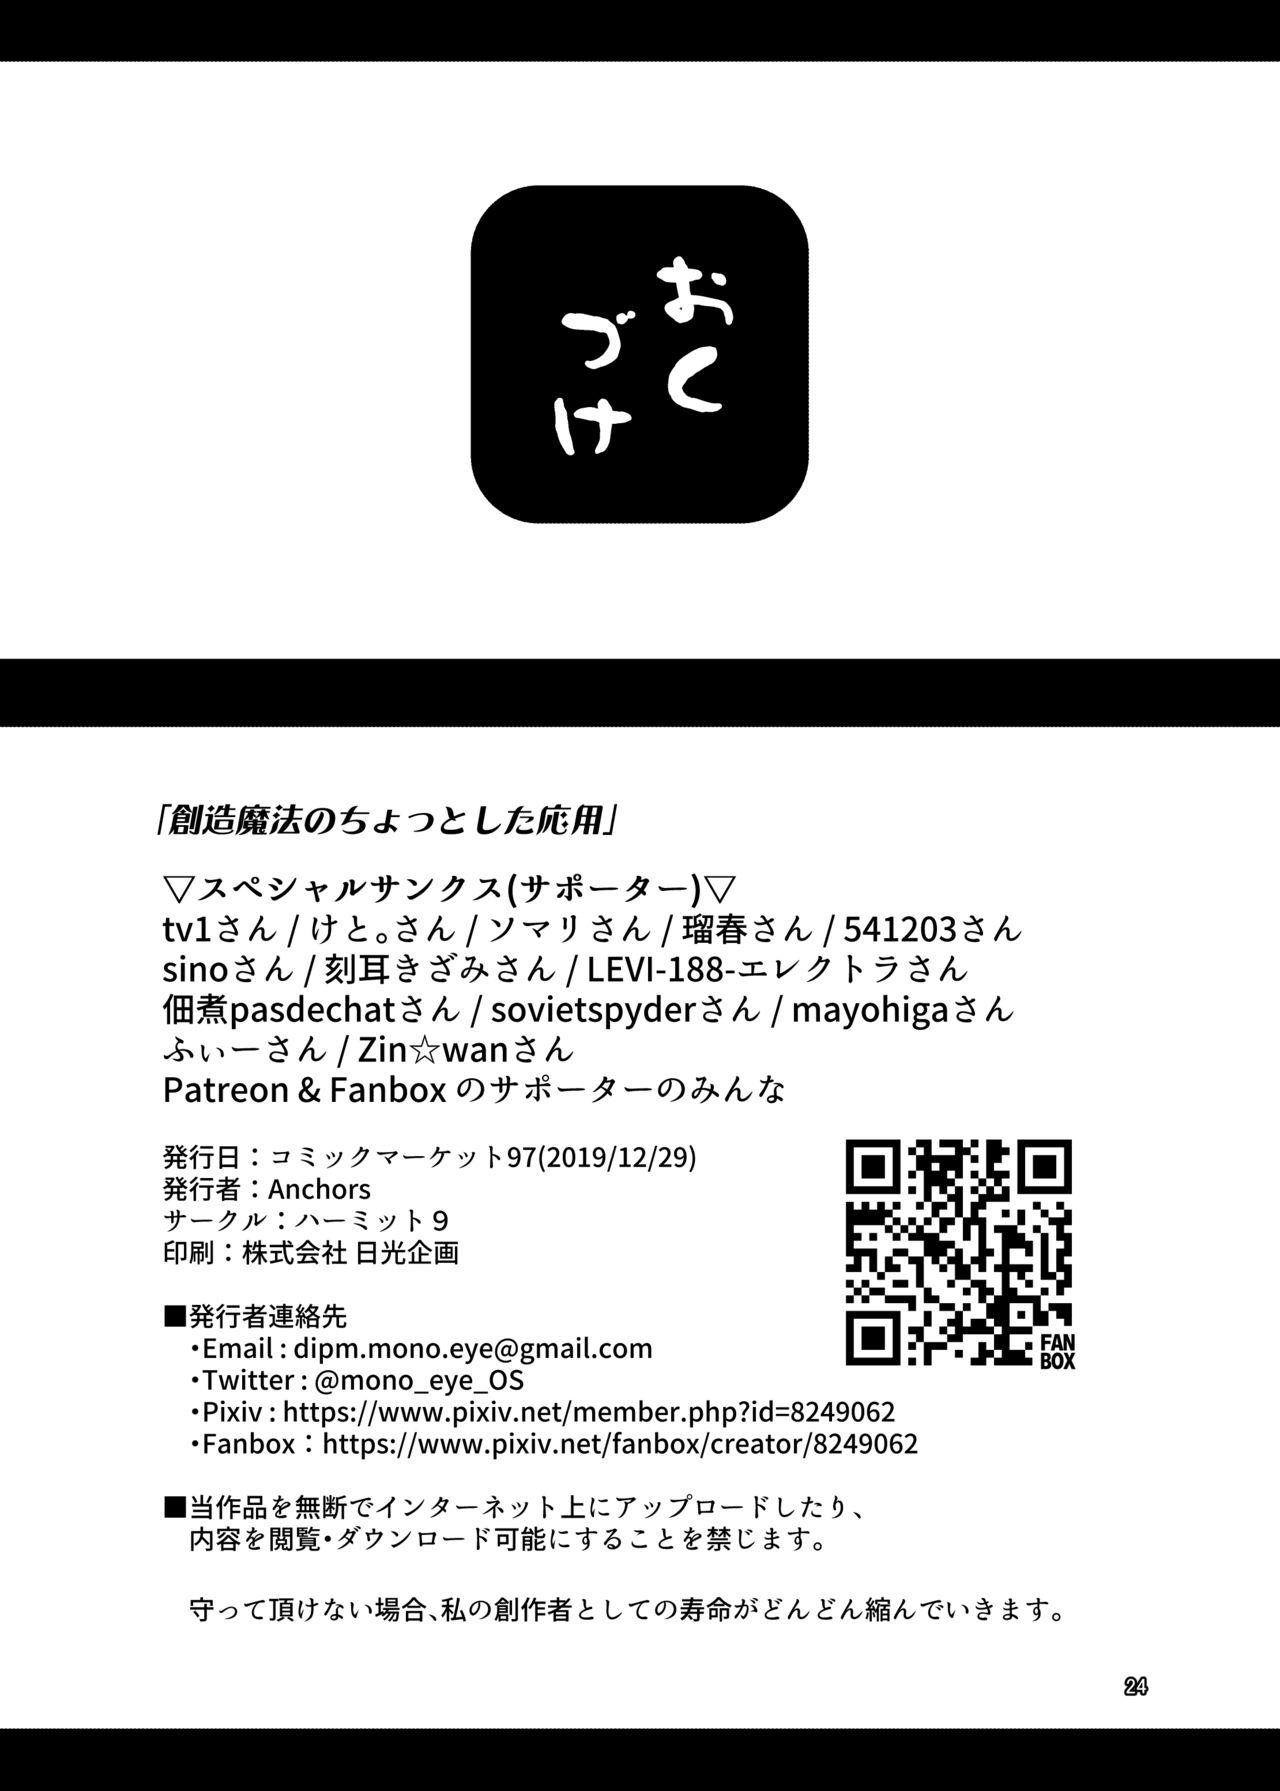 Souzou Mahou no Chottoshita Ouyou 23